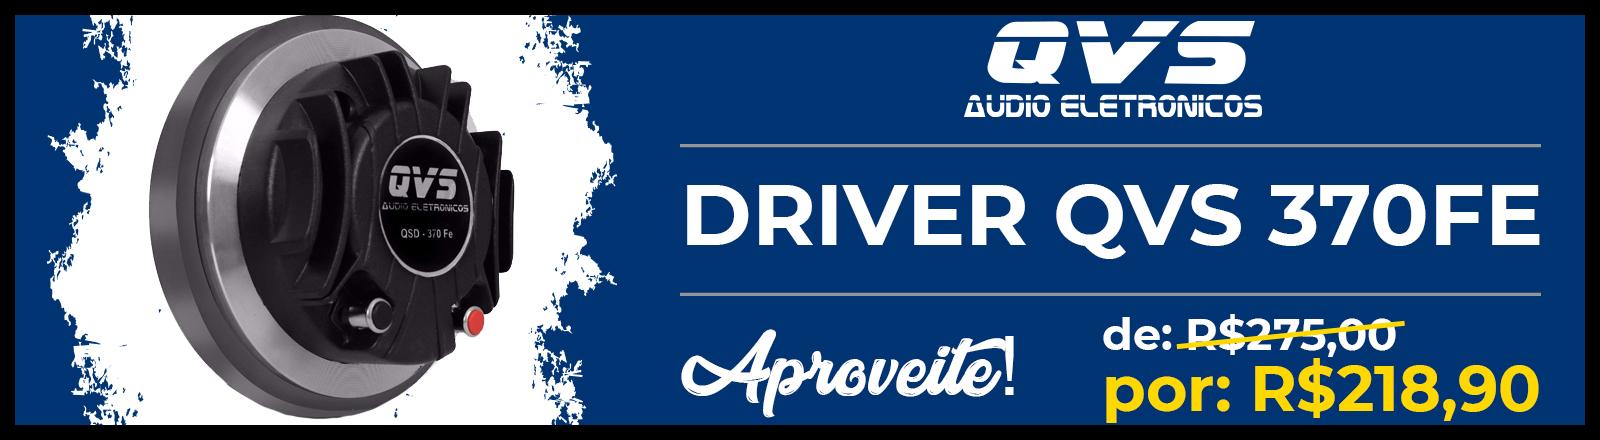 Driver QVS 370FE